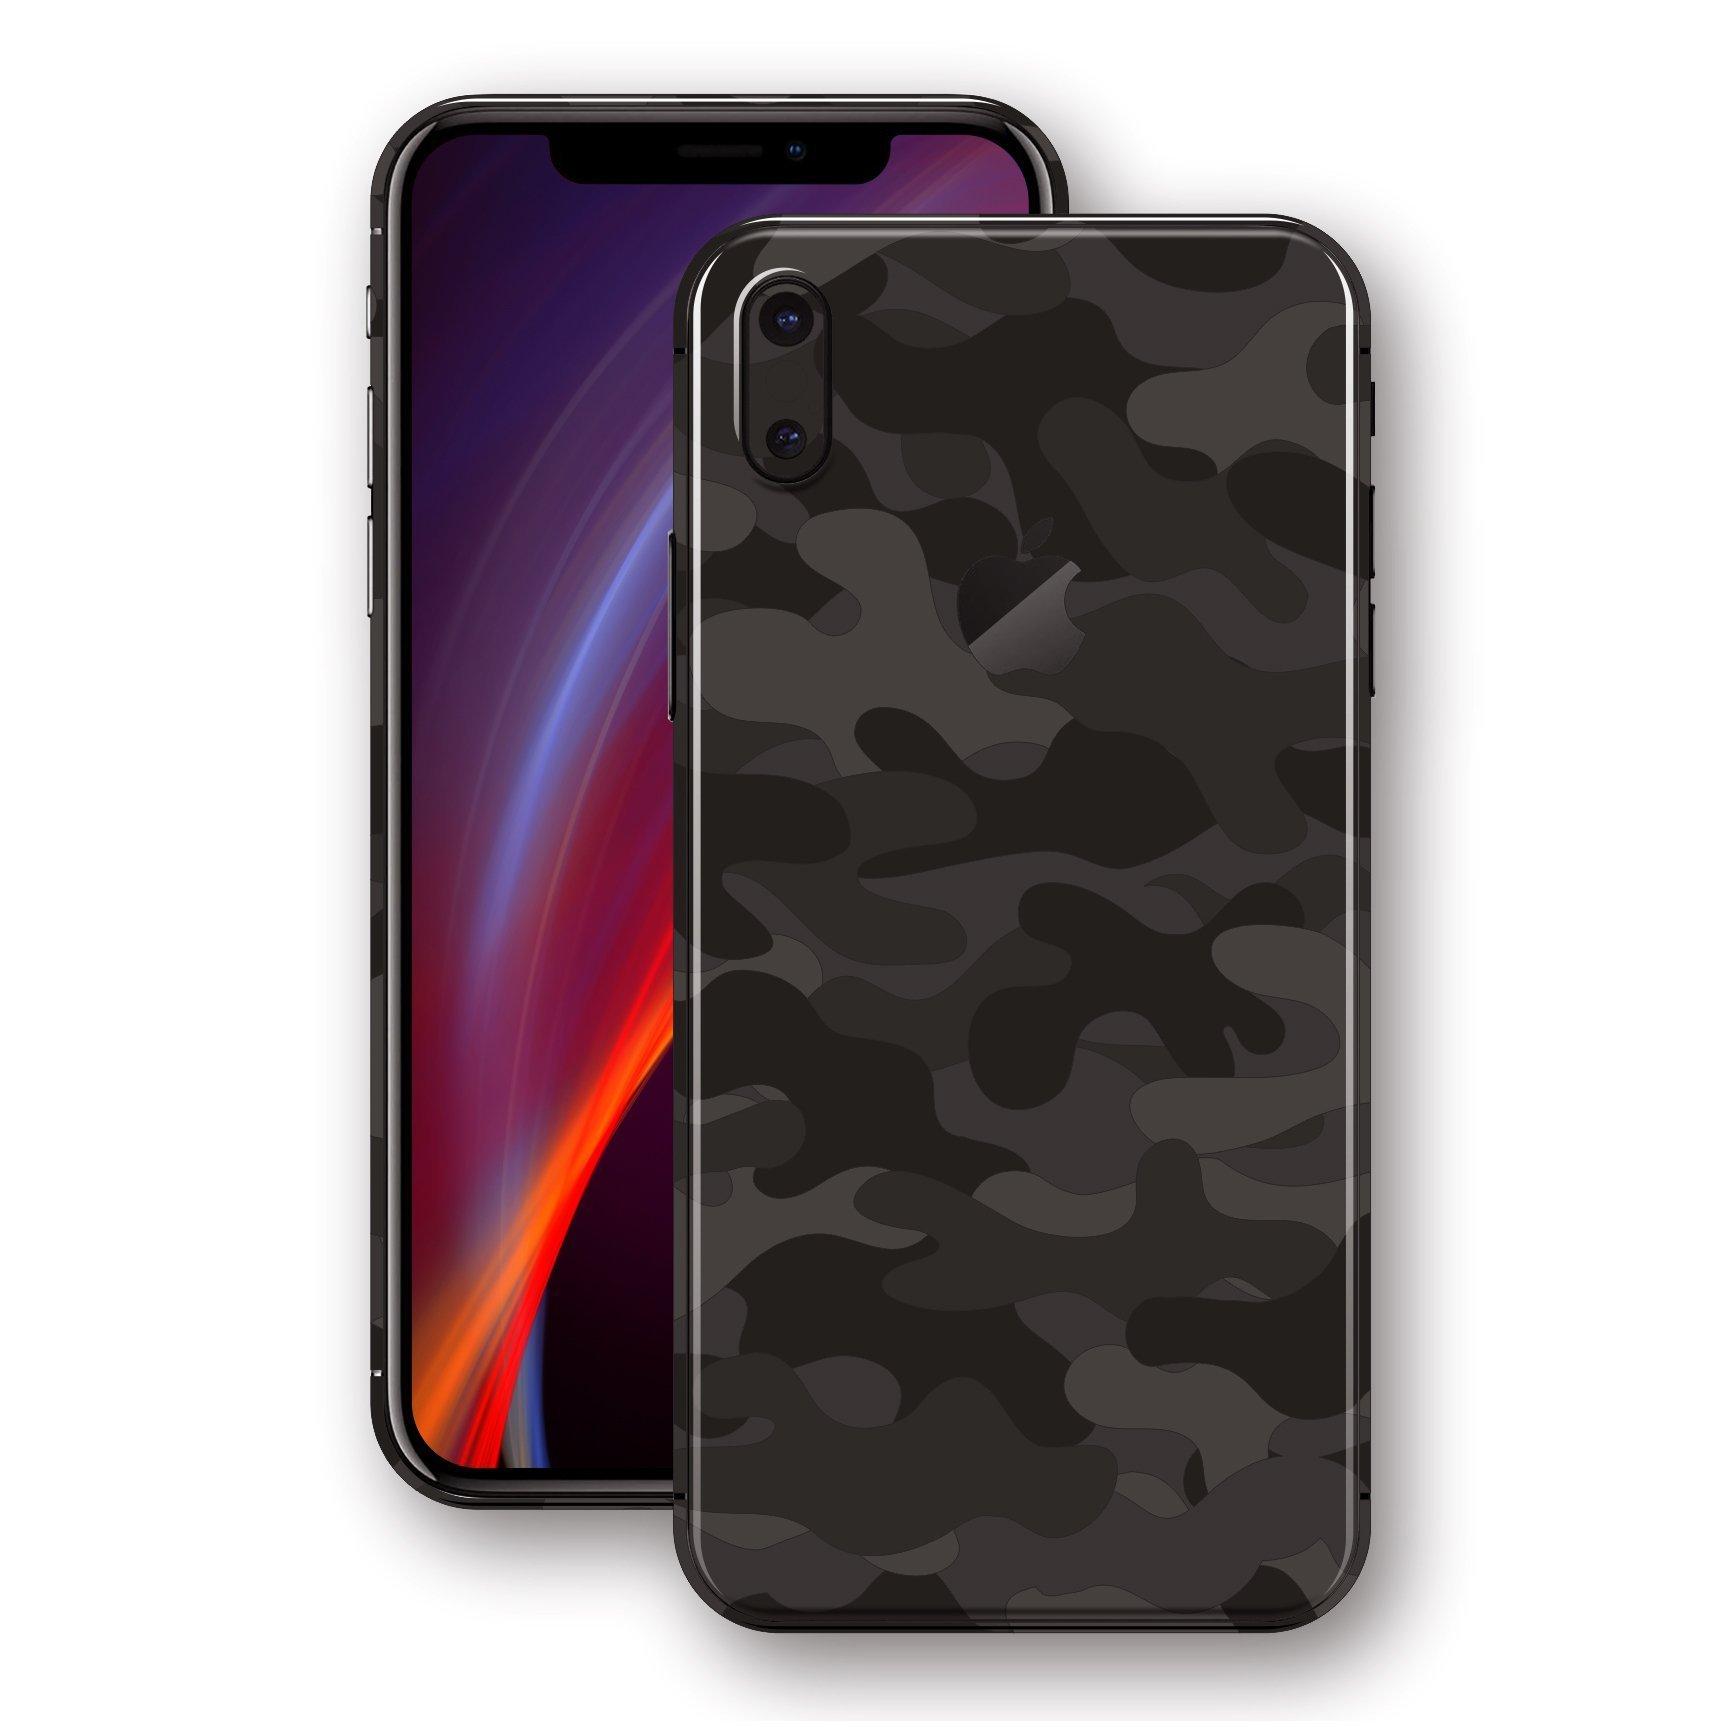 لاصق حماية ايفون XS - شكل موجات سوداء